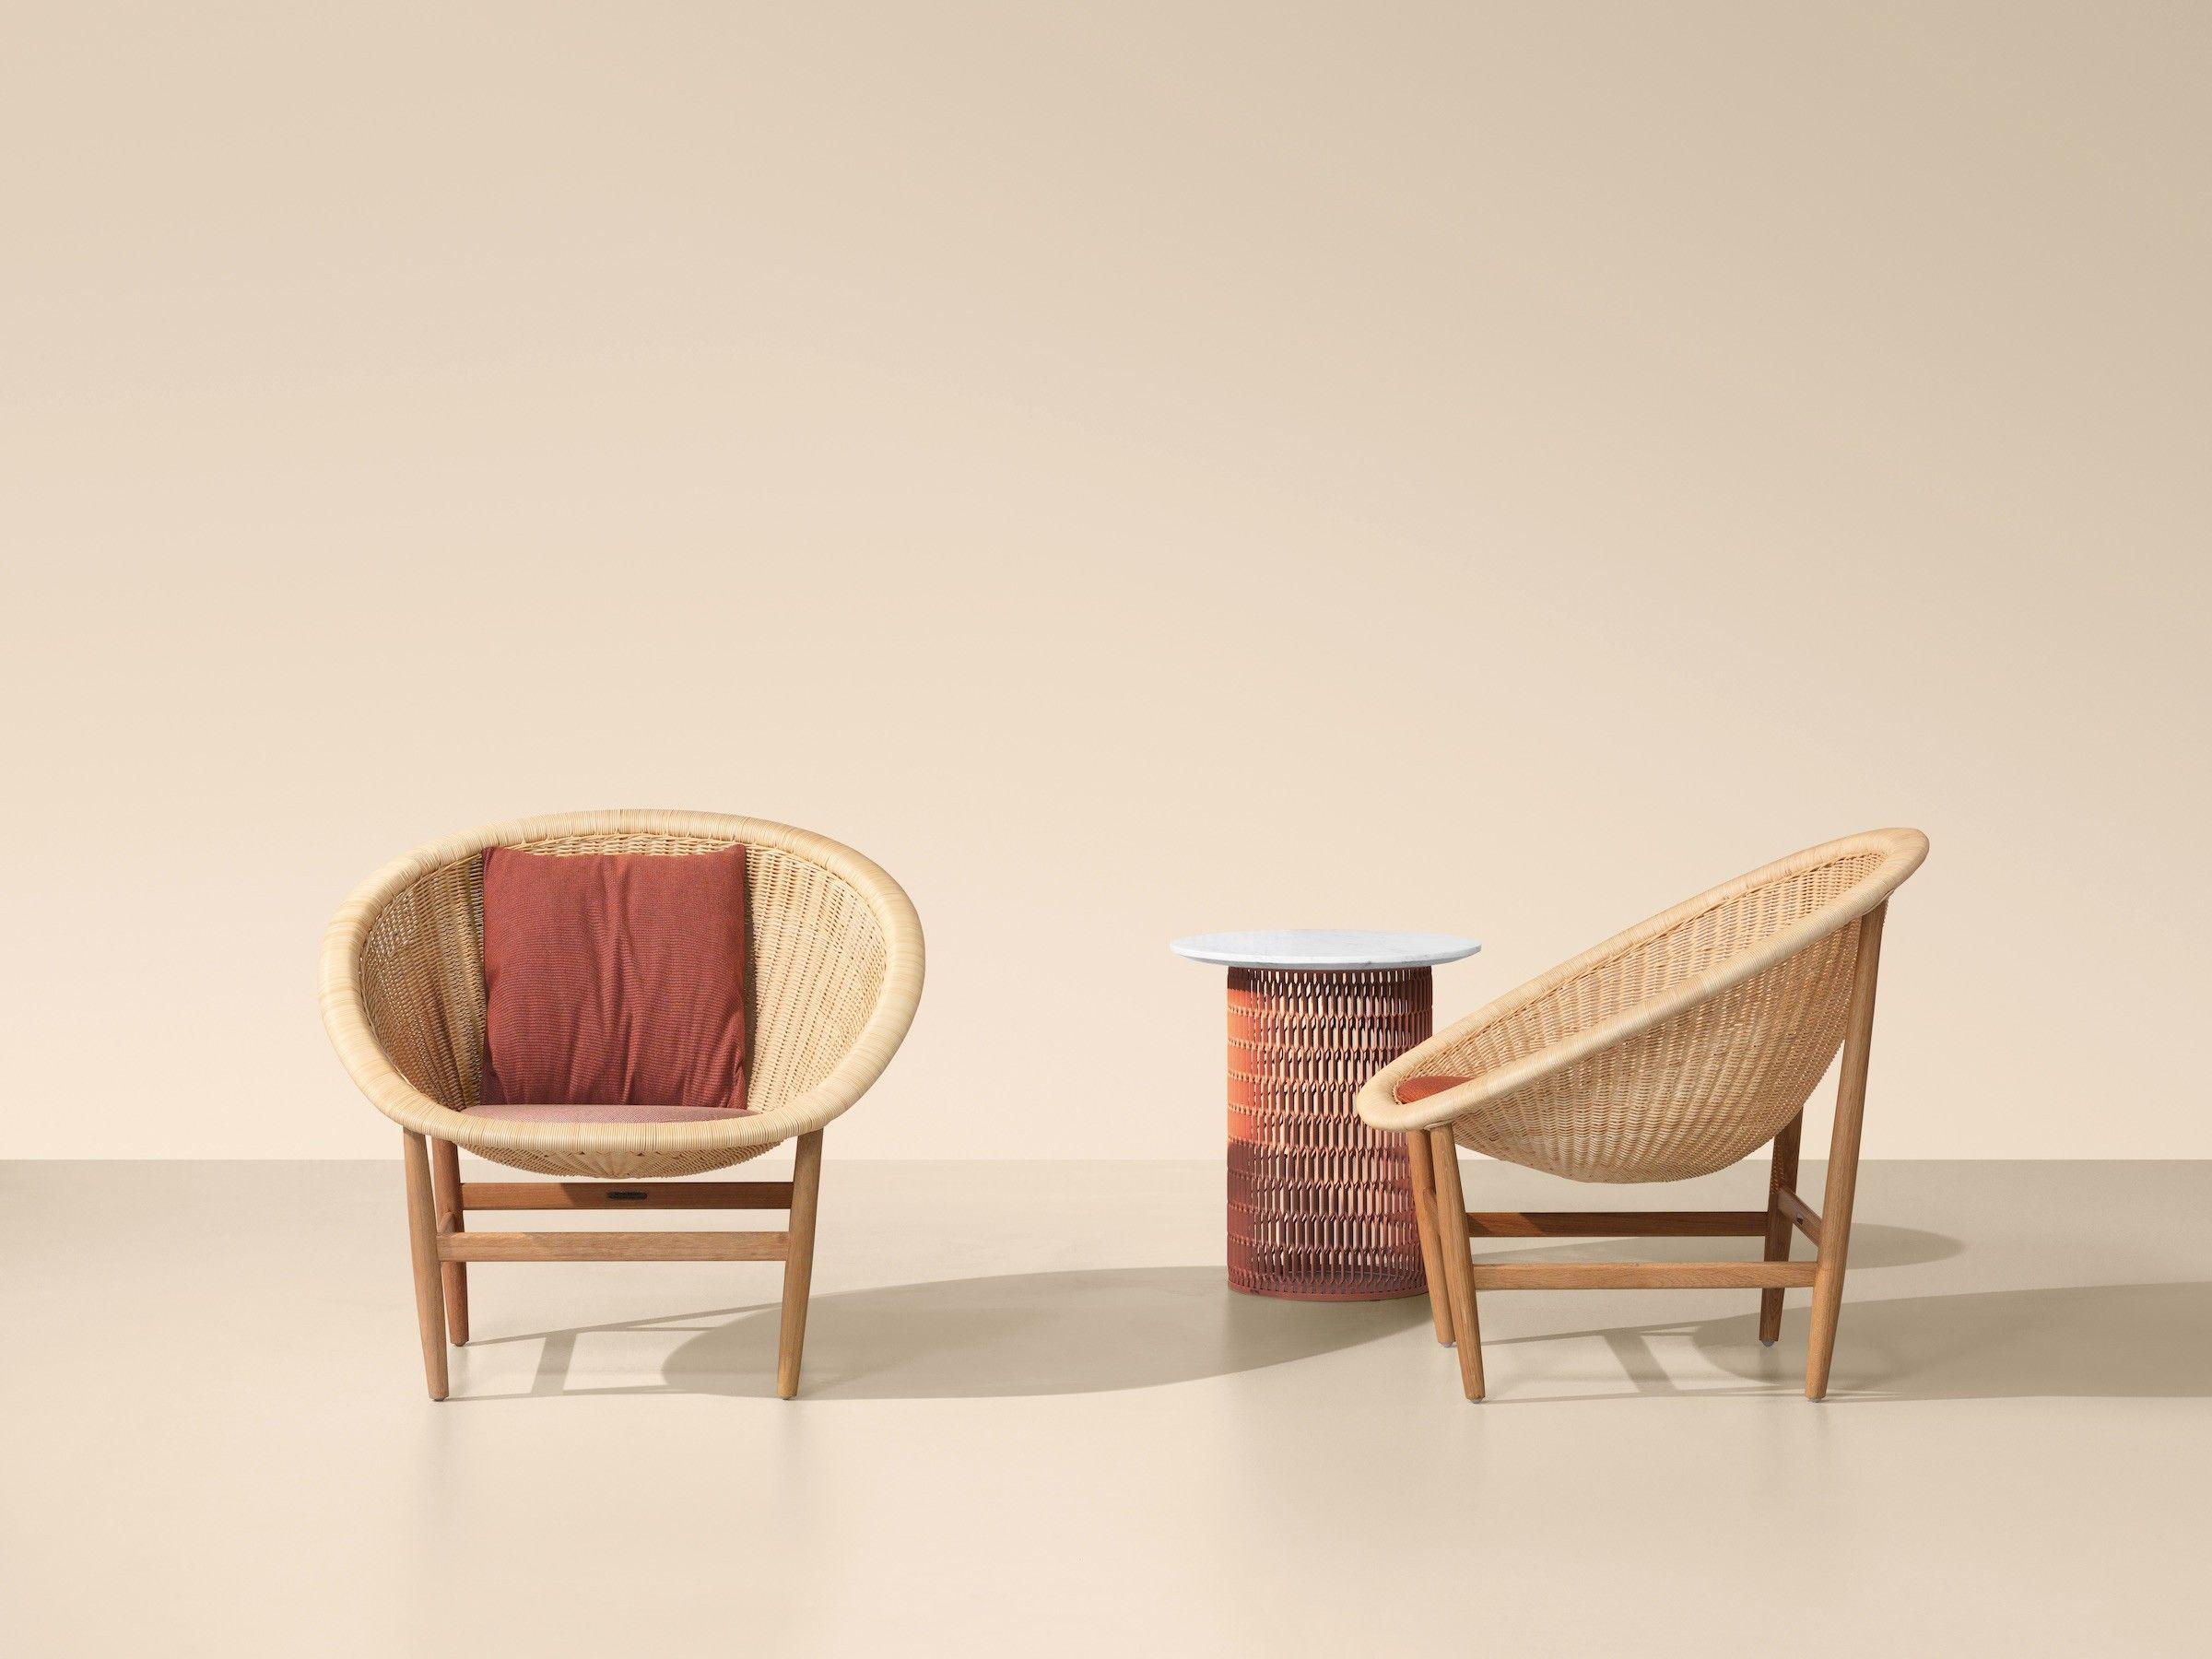 basket by kettal a outdoor sofa outdoor rh pinterest com